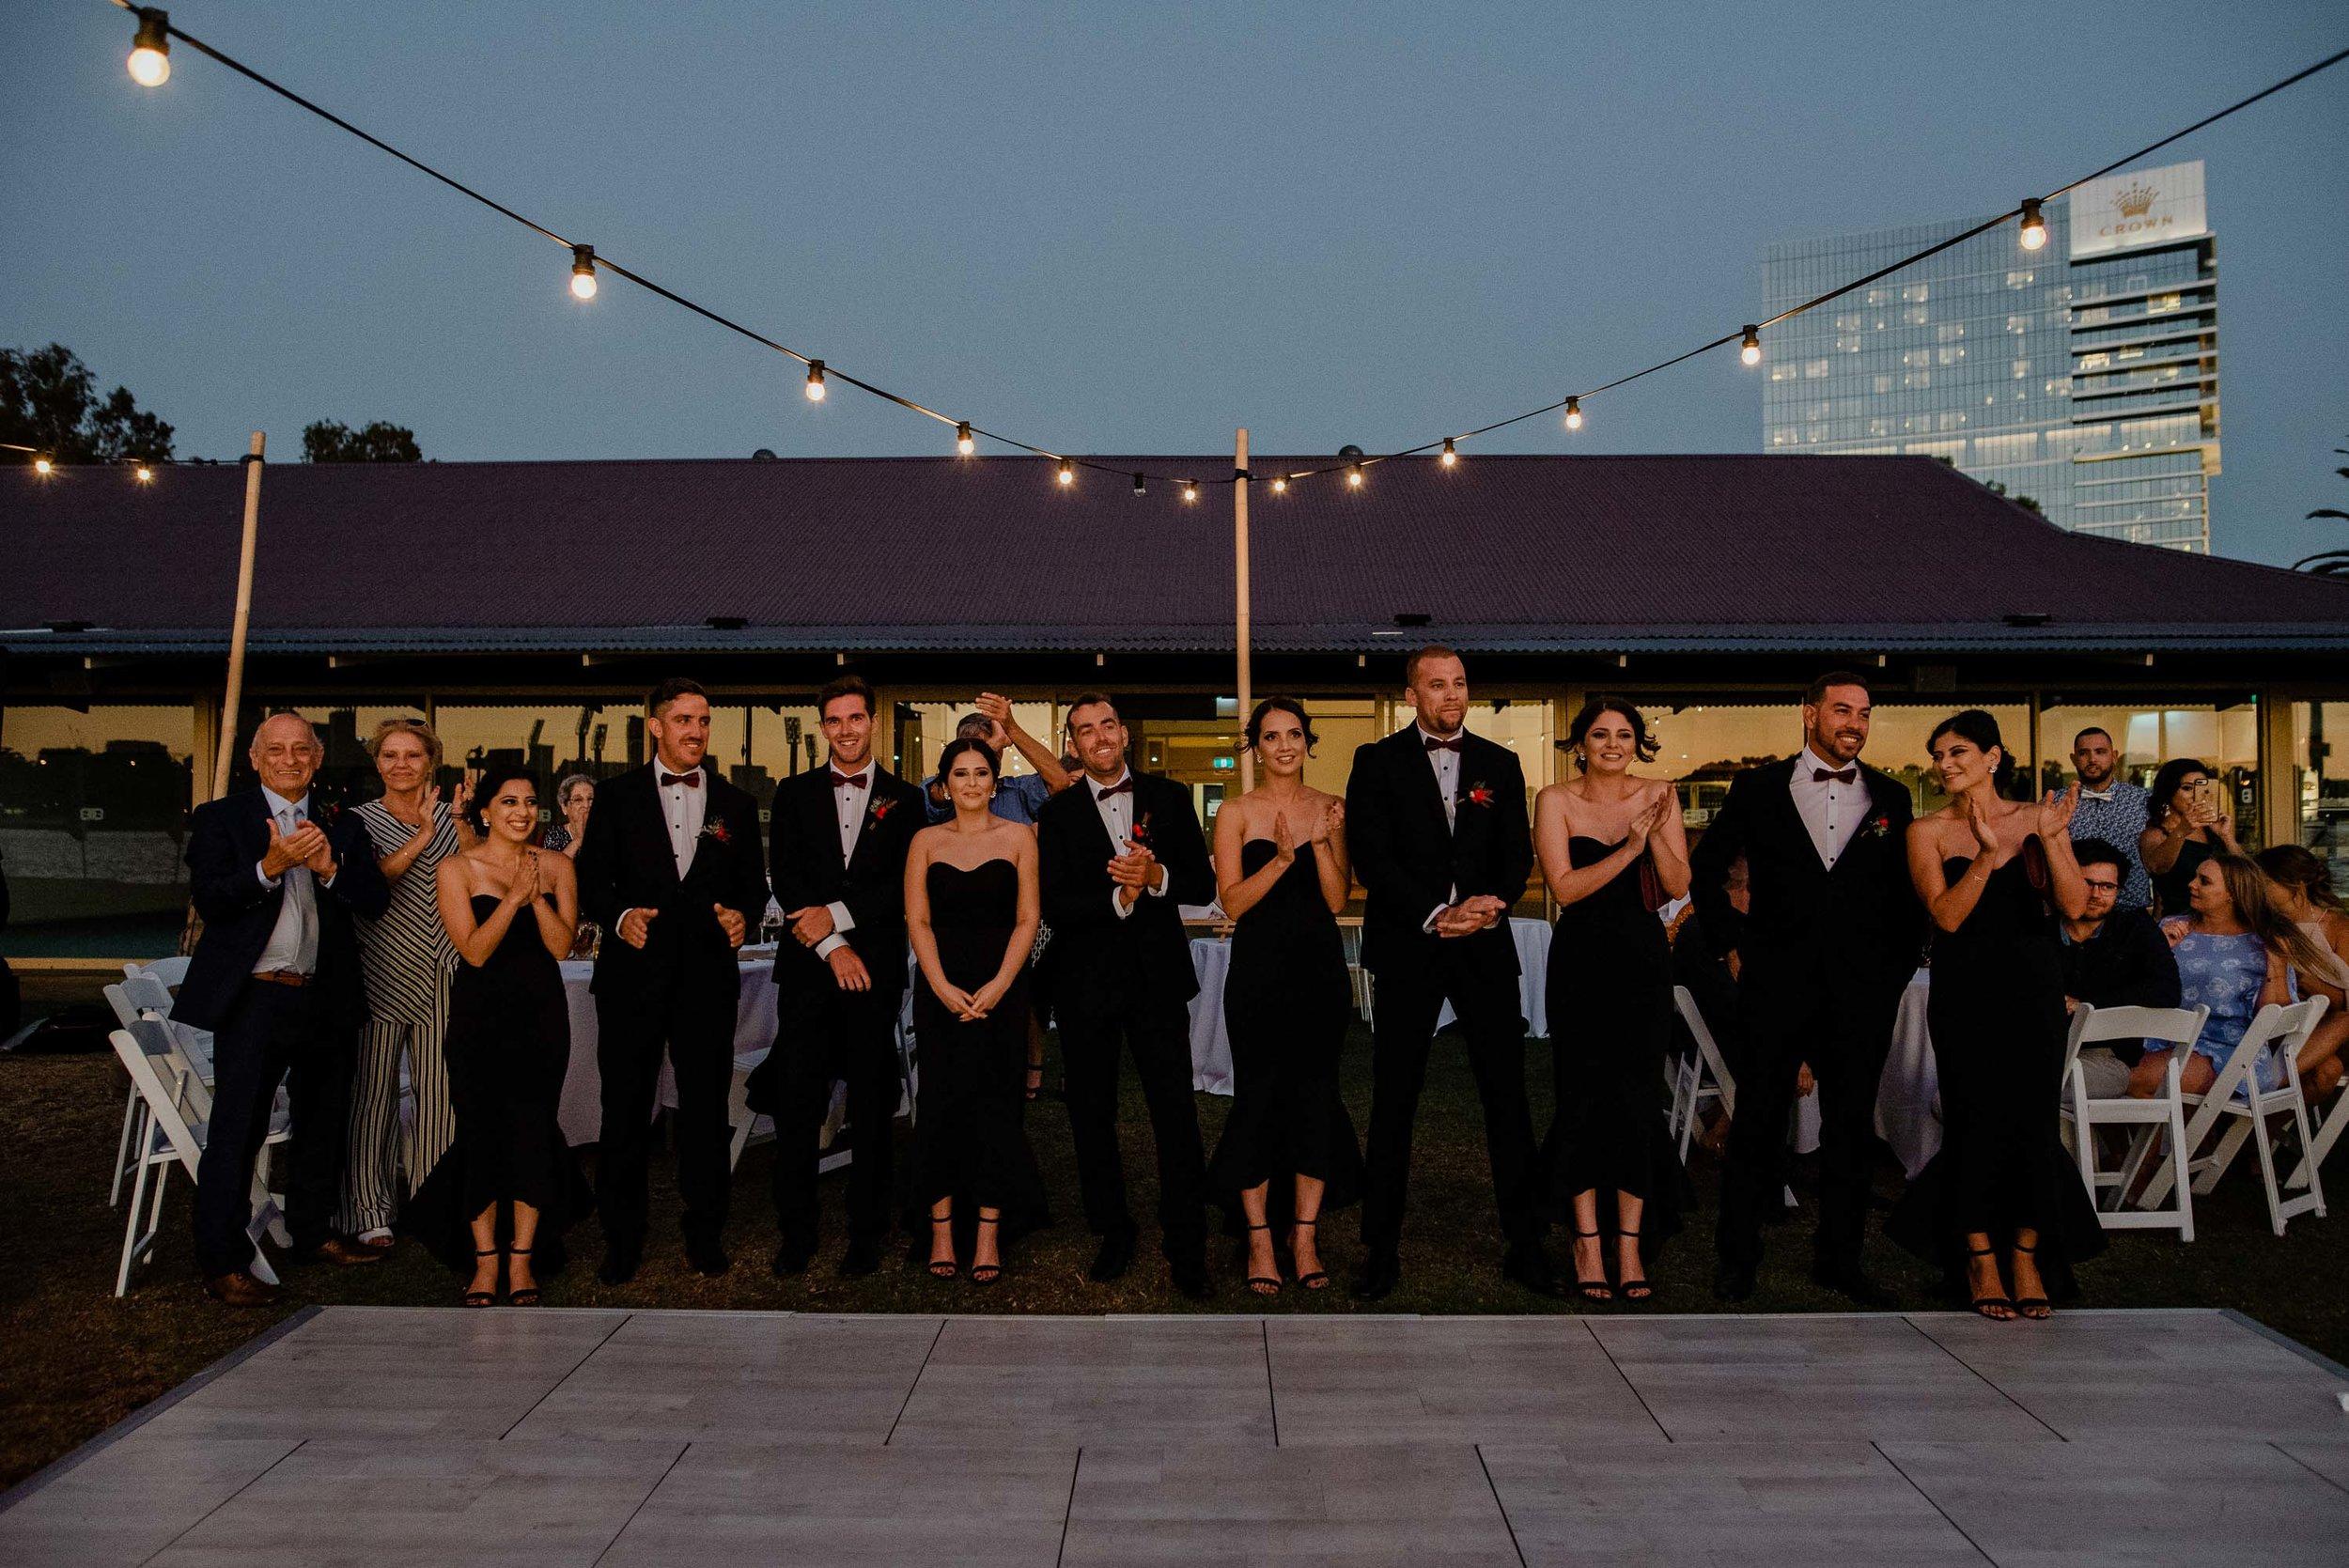 liz-adin-burswood-swan-wedding-sneaks-44.JPG